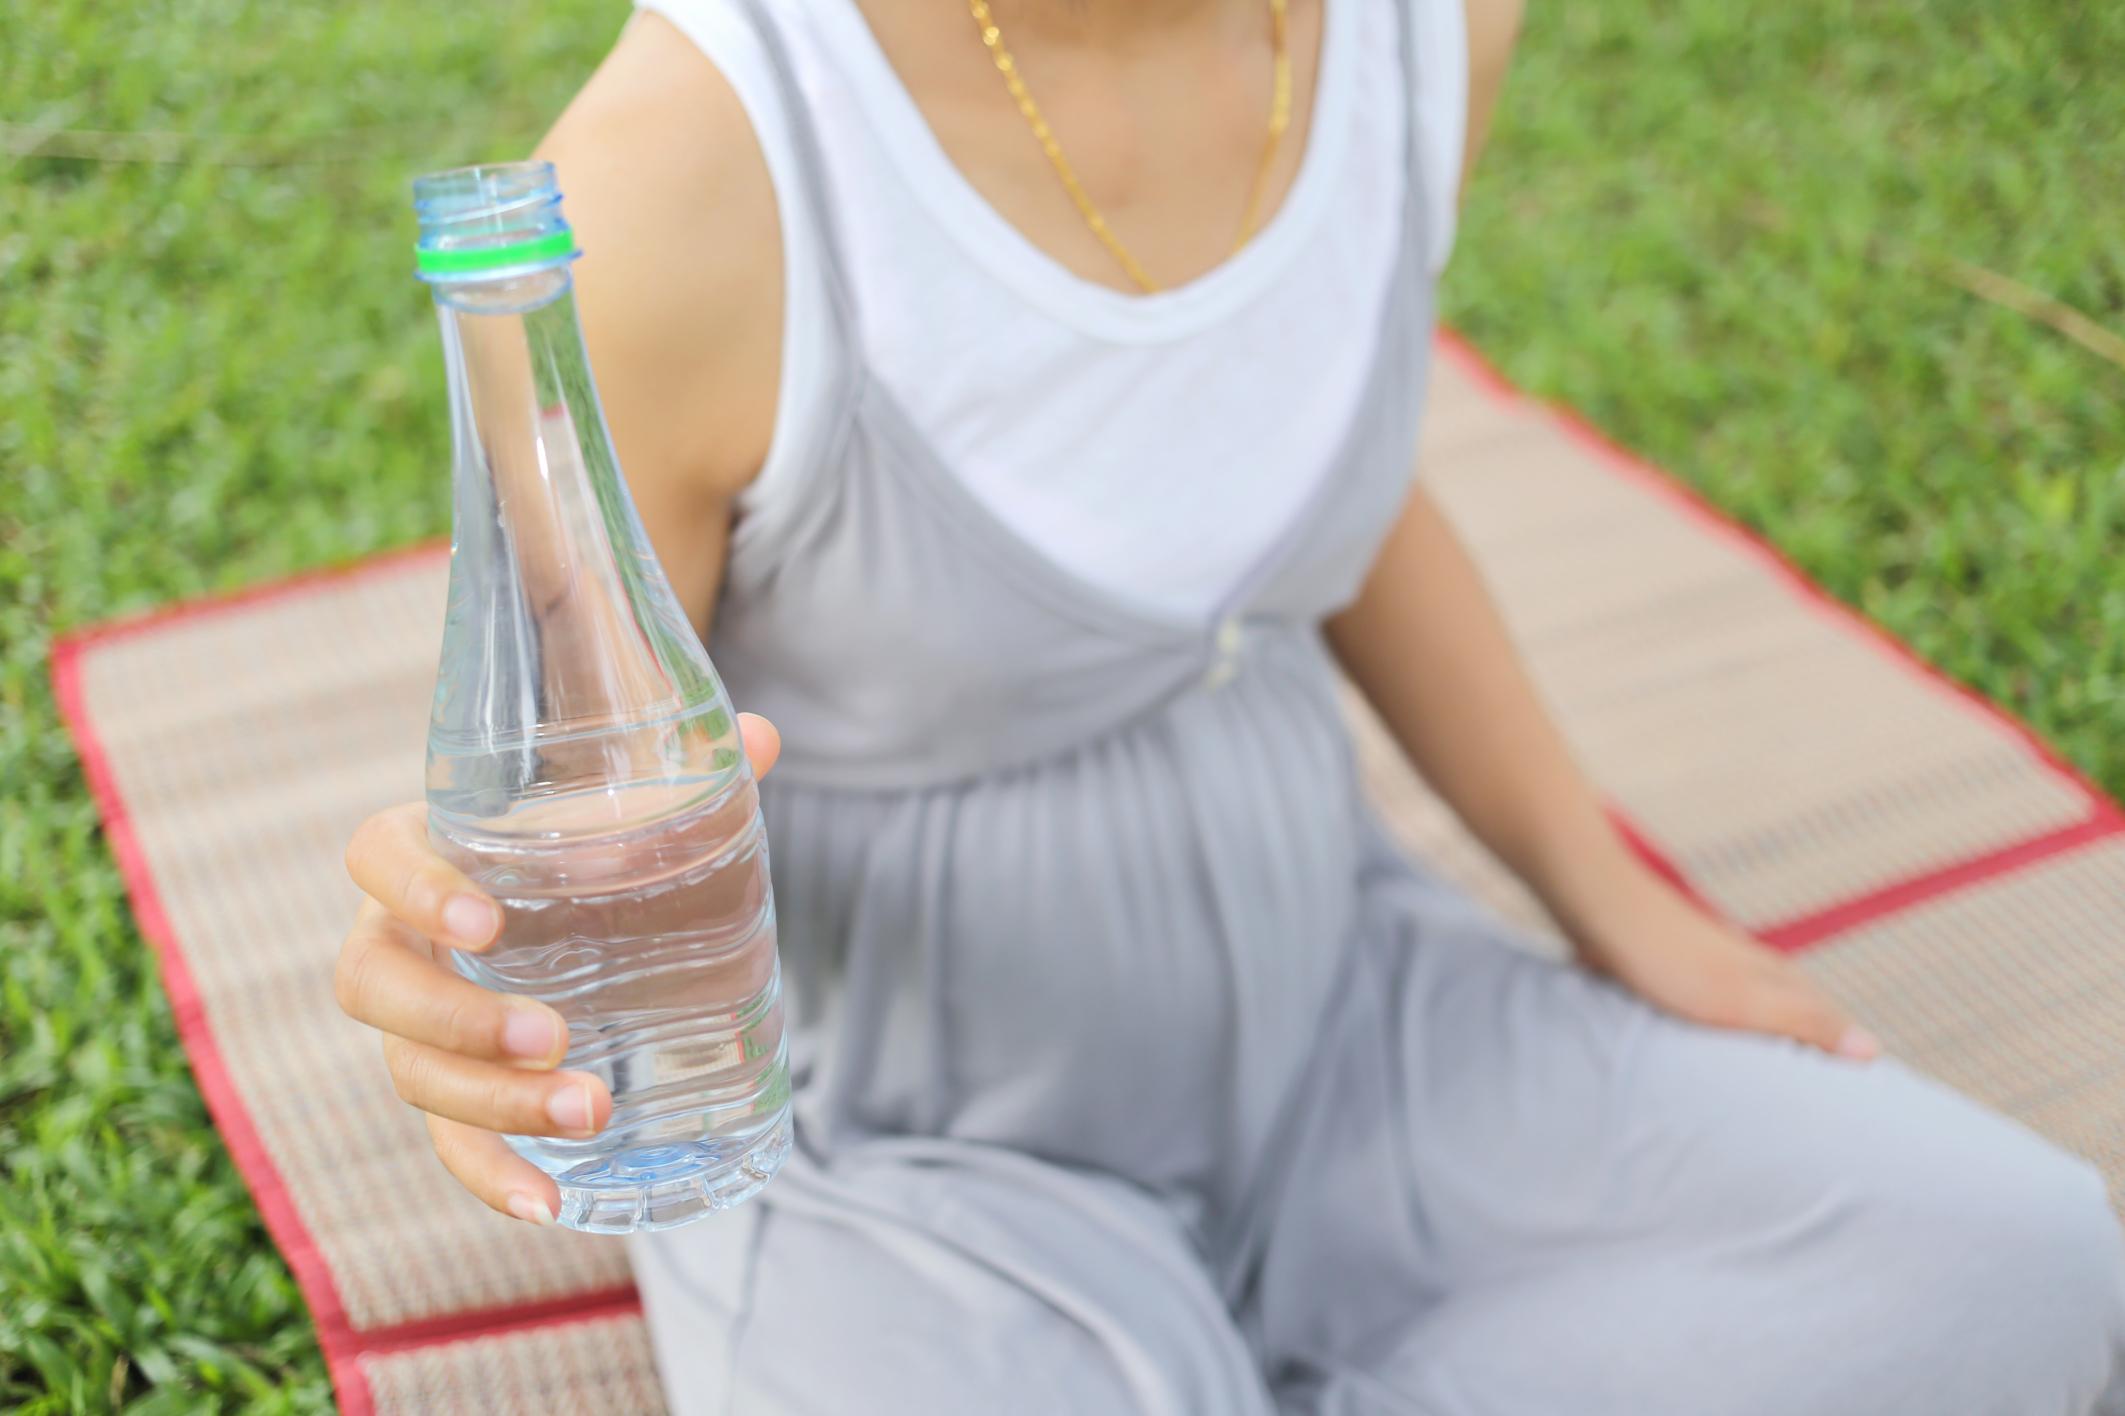 Can I Do a Sea salt Cleanse When Pregnant